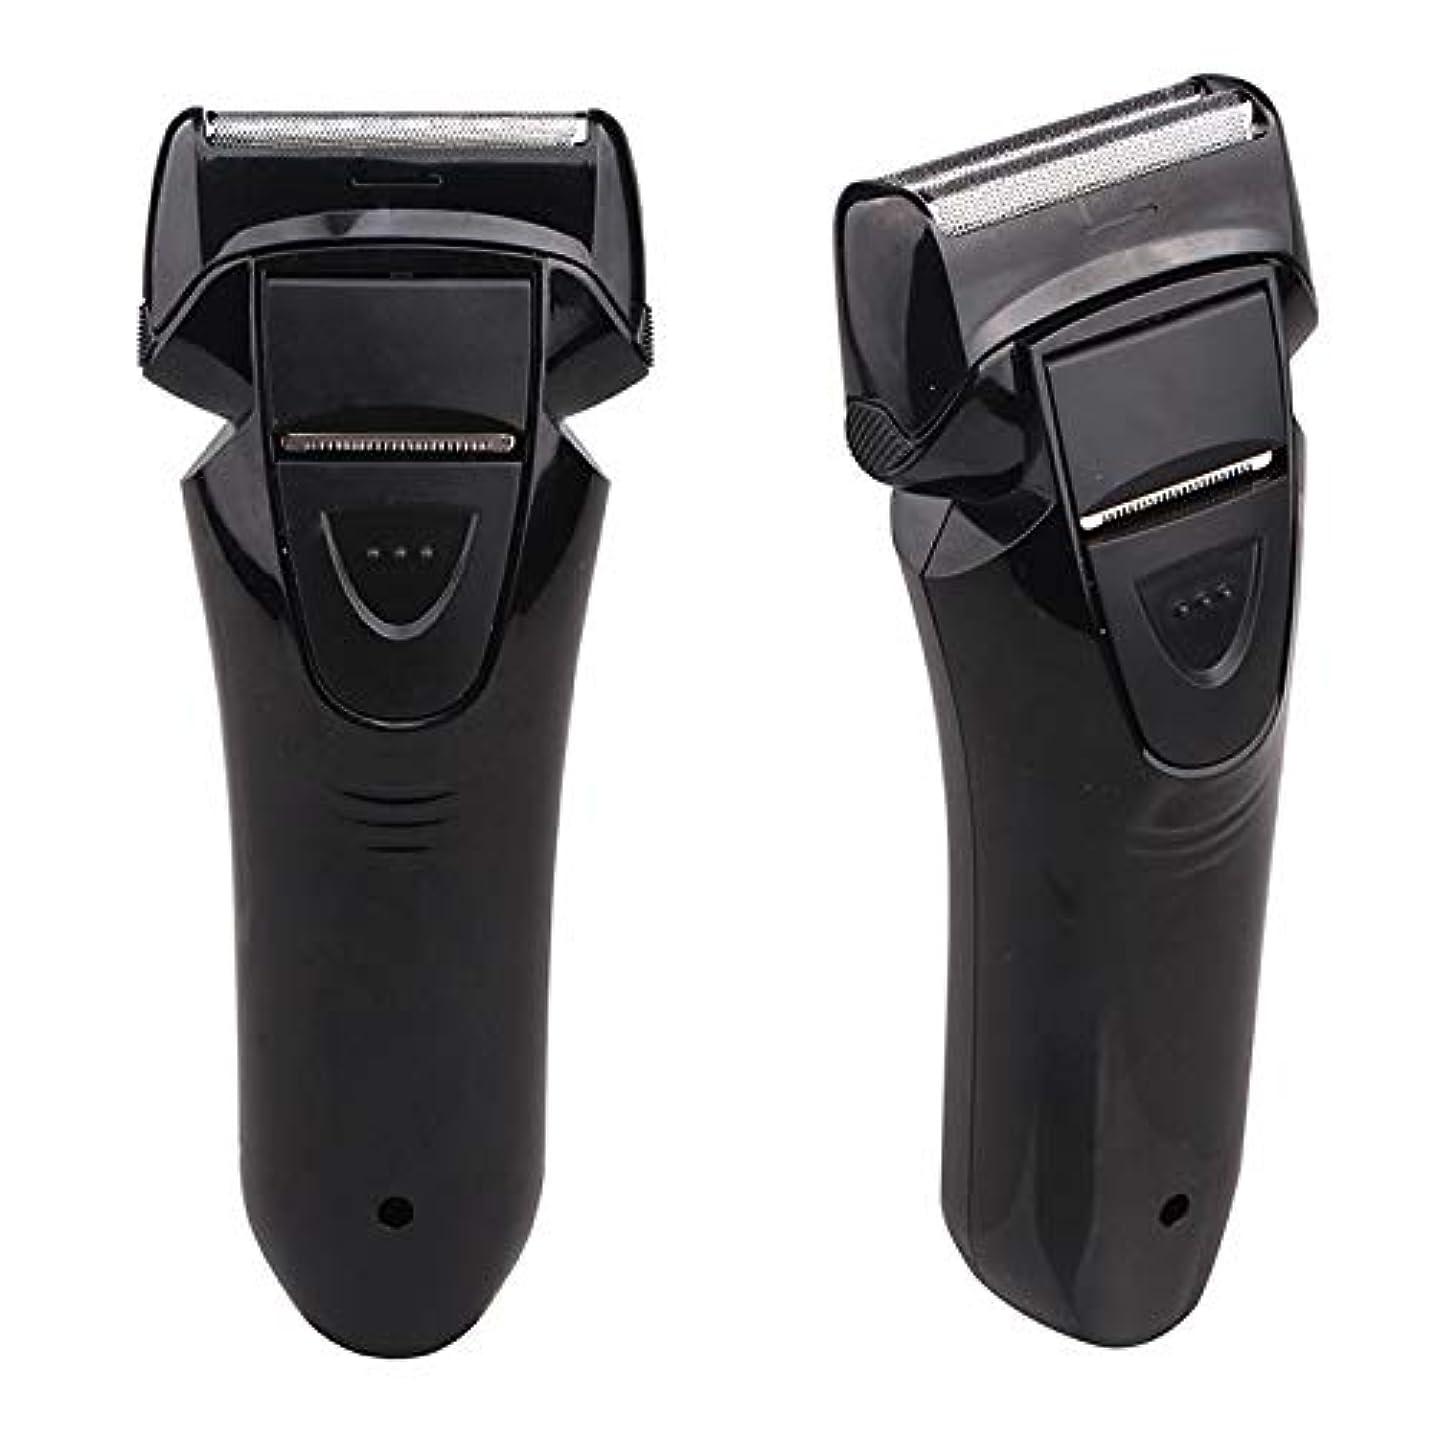 懲らしめおじさん証人メンズシェーバー Vegetable(ベジタブル) アダプター&USB充電式2枚刃シェーバー GD-S206